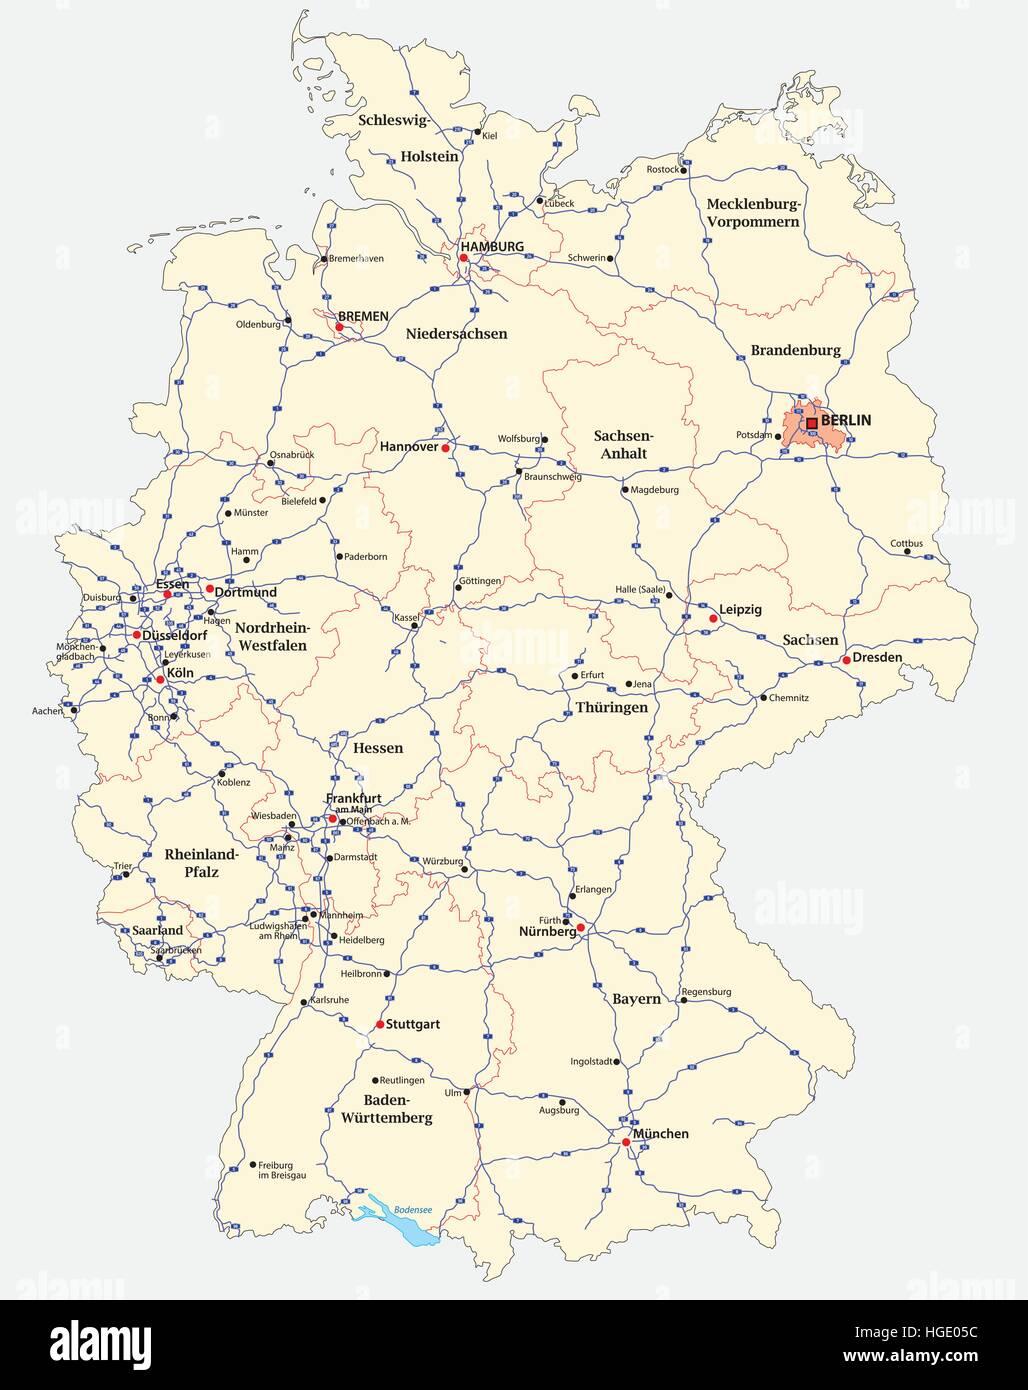 Cartina Autostradale Germania.Mappa Autostradale Della Germania Immagine E Vettoriale Alamy